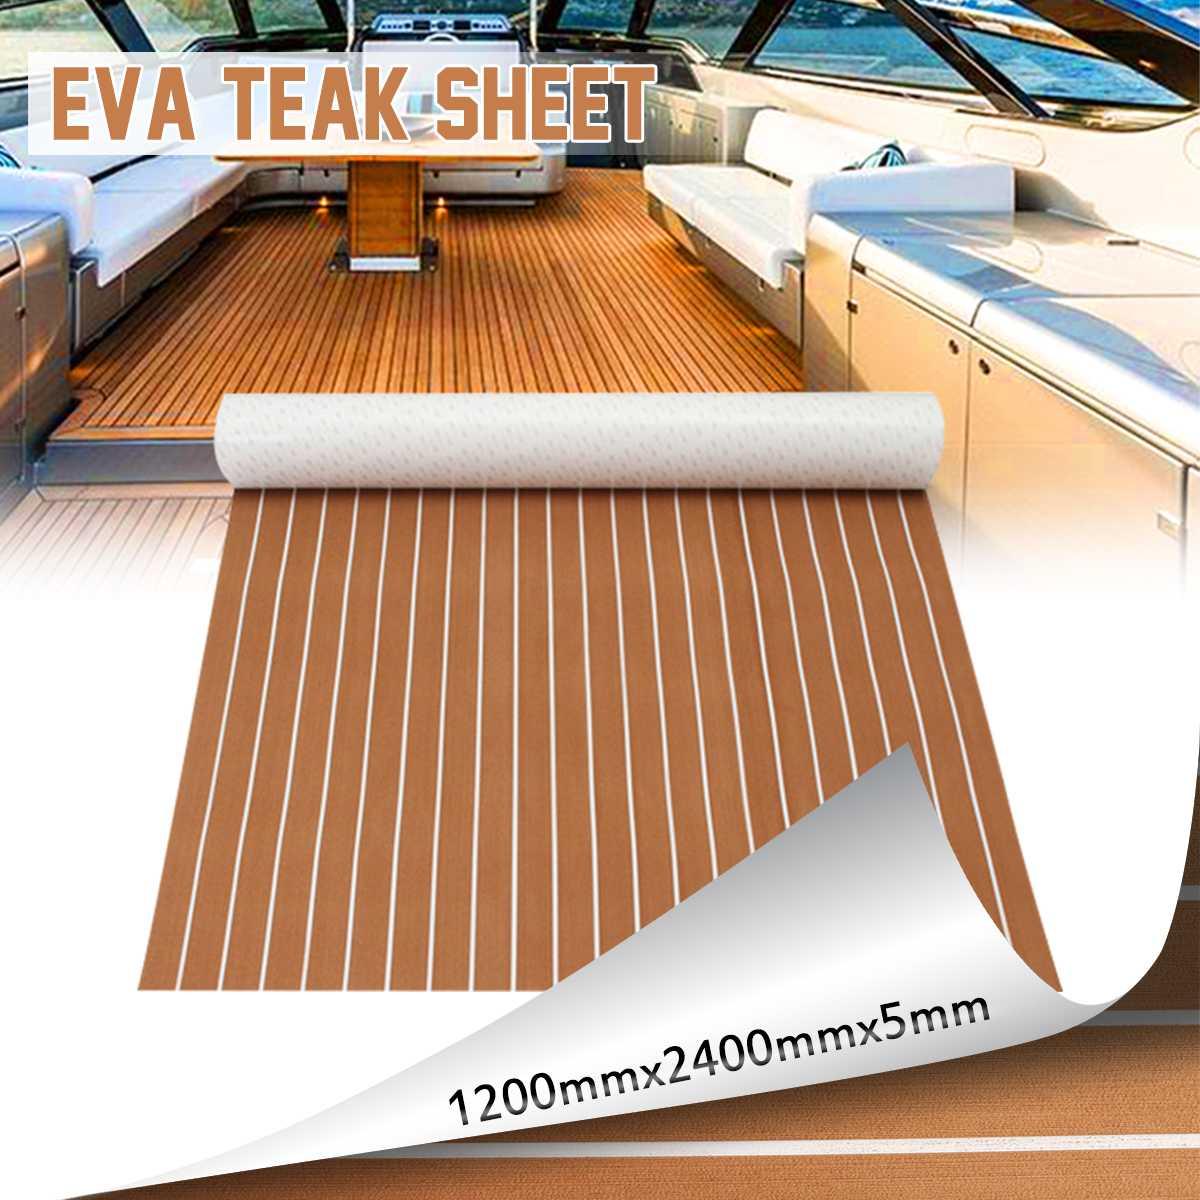 Auto-adhésif EVA bateau Yacht Marine plancher Faux Imitation teck platelage feuille Pad 1200x2400x5mm mousse tapis de sol brun